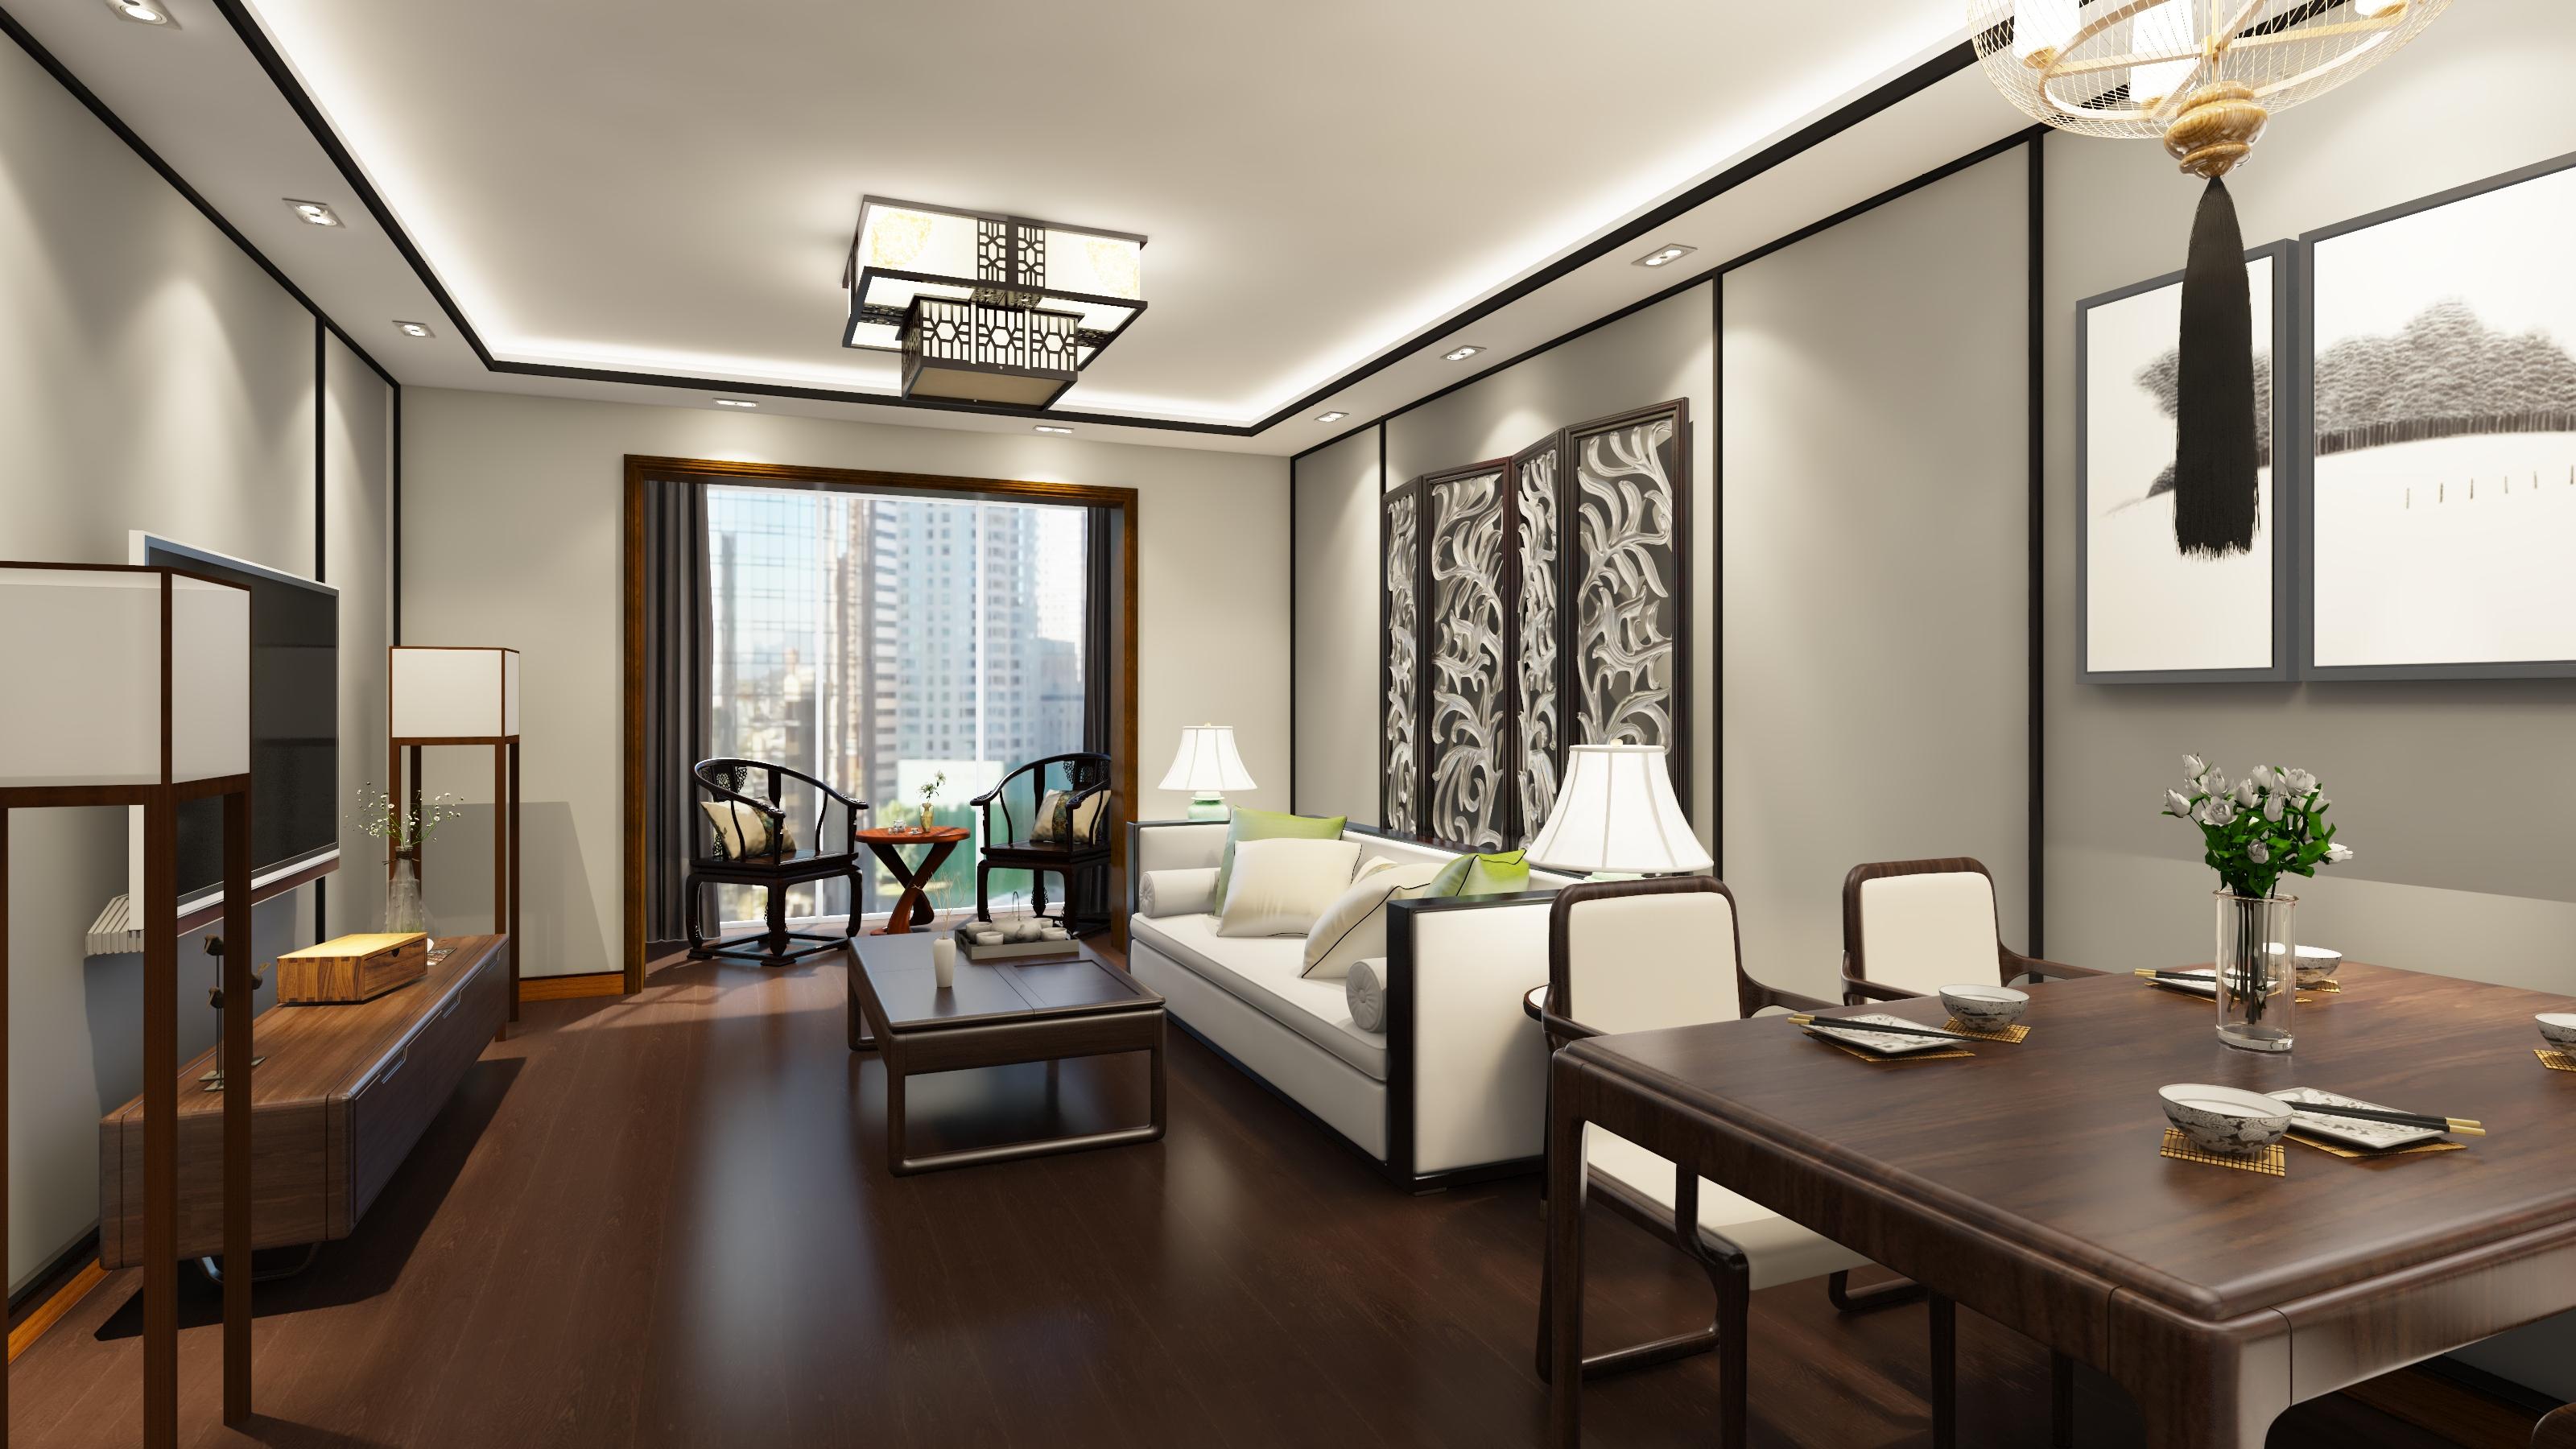 西山-居然設計家-室內設計_家裝設計師案例_室內裝修